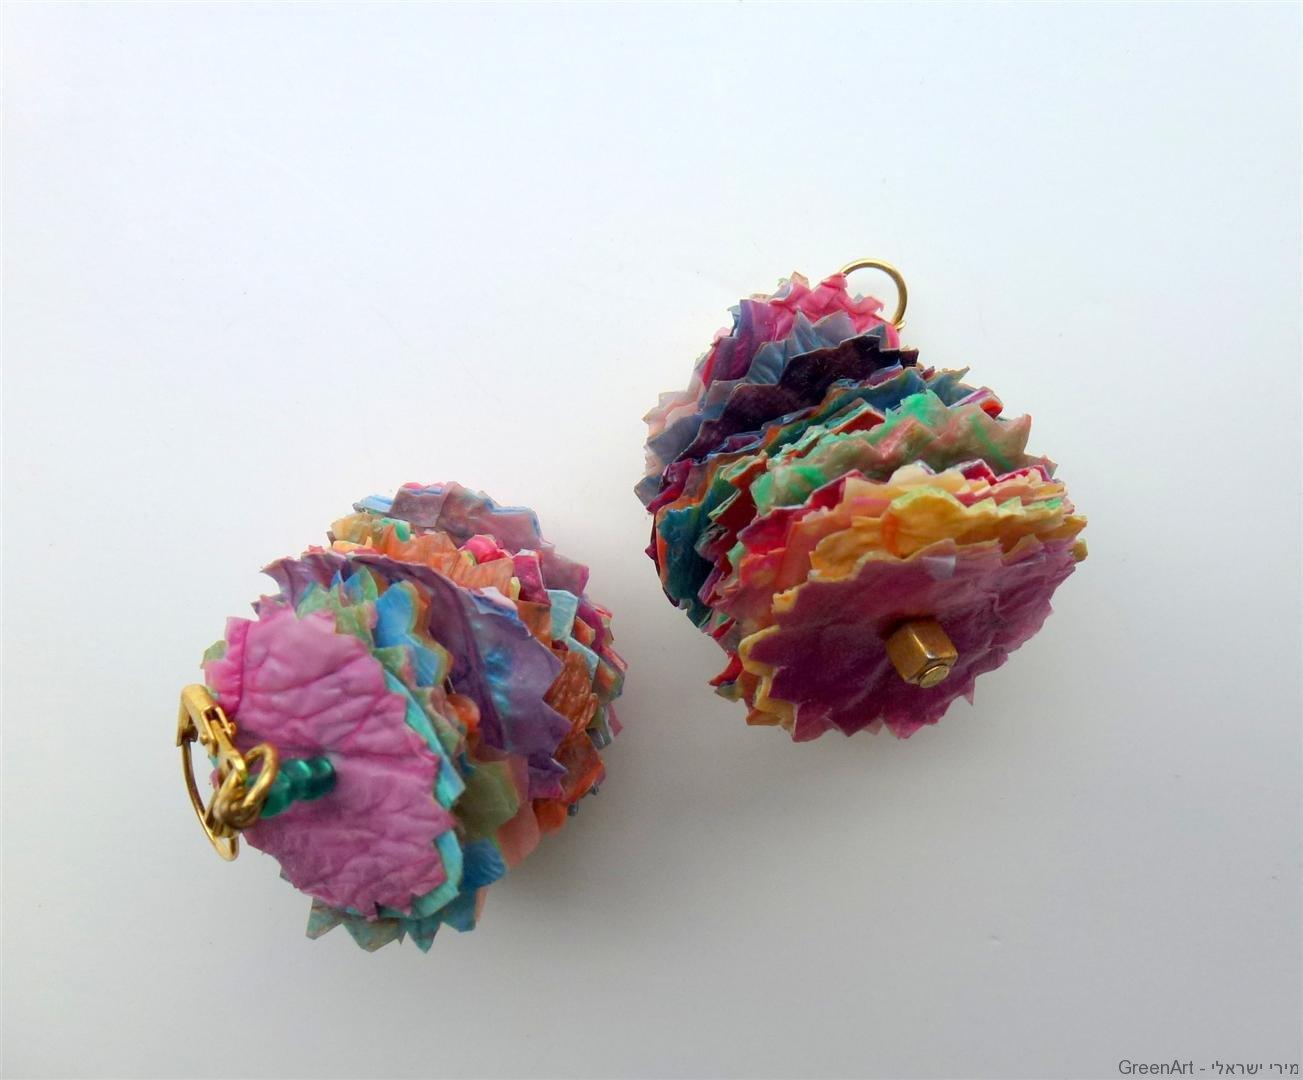 עגילים מעוצבים משקיות ניילון ממוחזרות